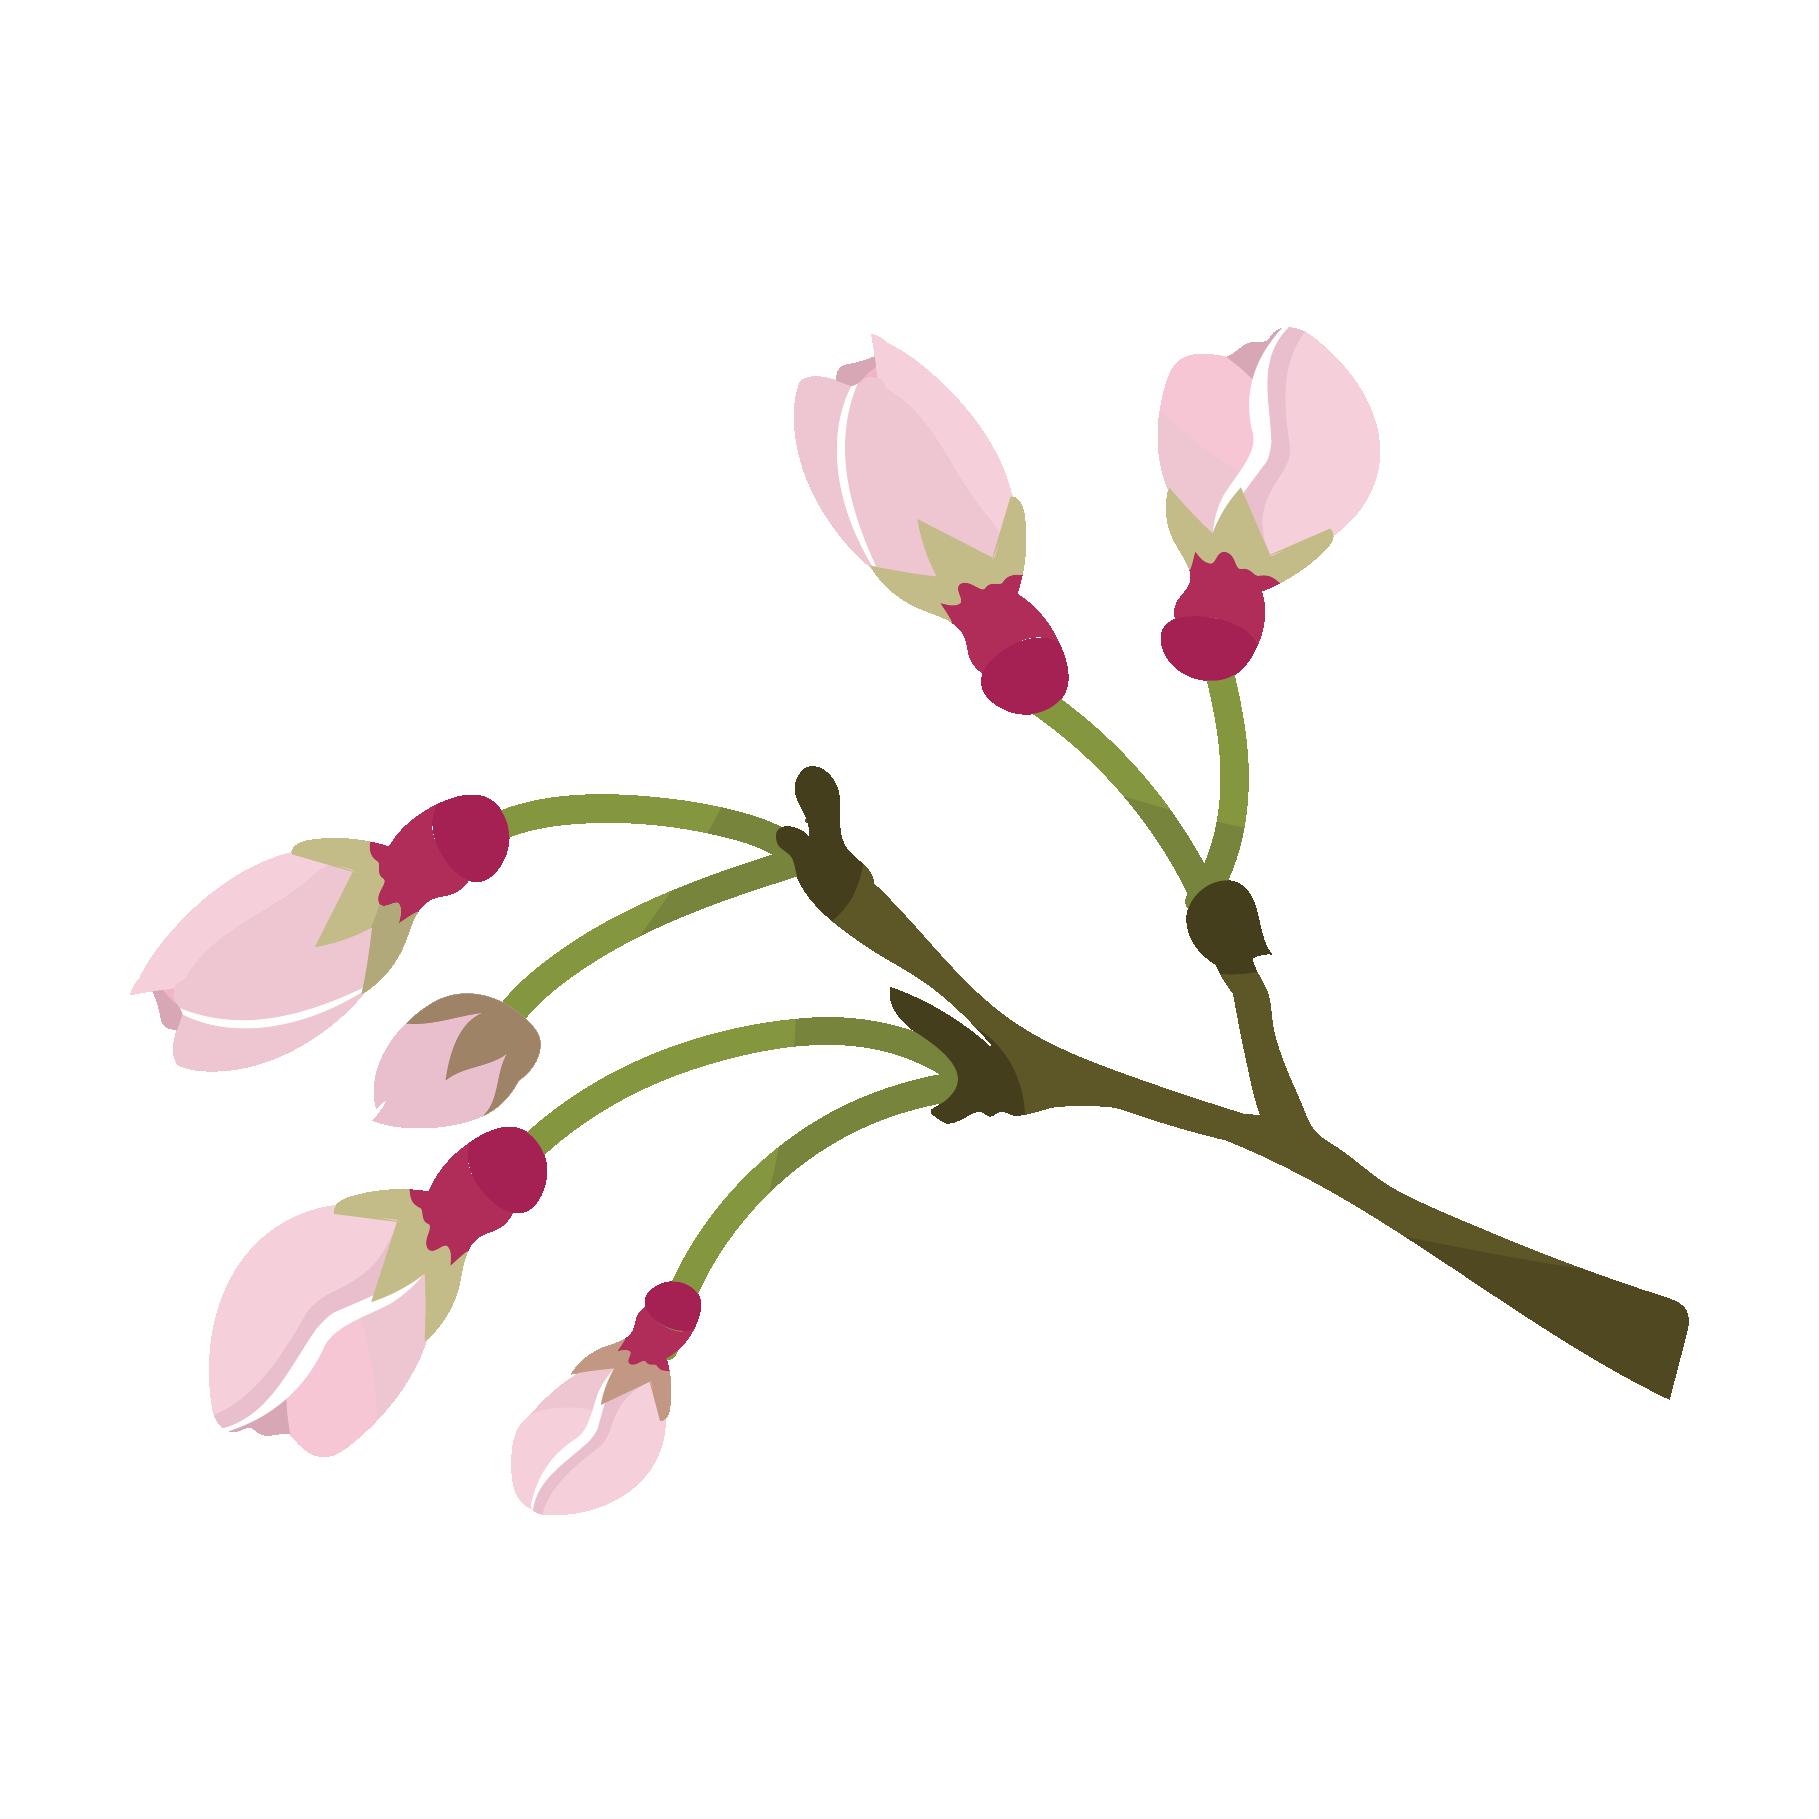 Cherry Blossoms かわいい桜(さくら・サクラ)の蕾(つぼみ)のイラスト 商用フリー 無料 のイラスト素材なら「イラストマンション」